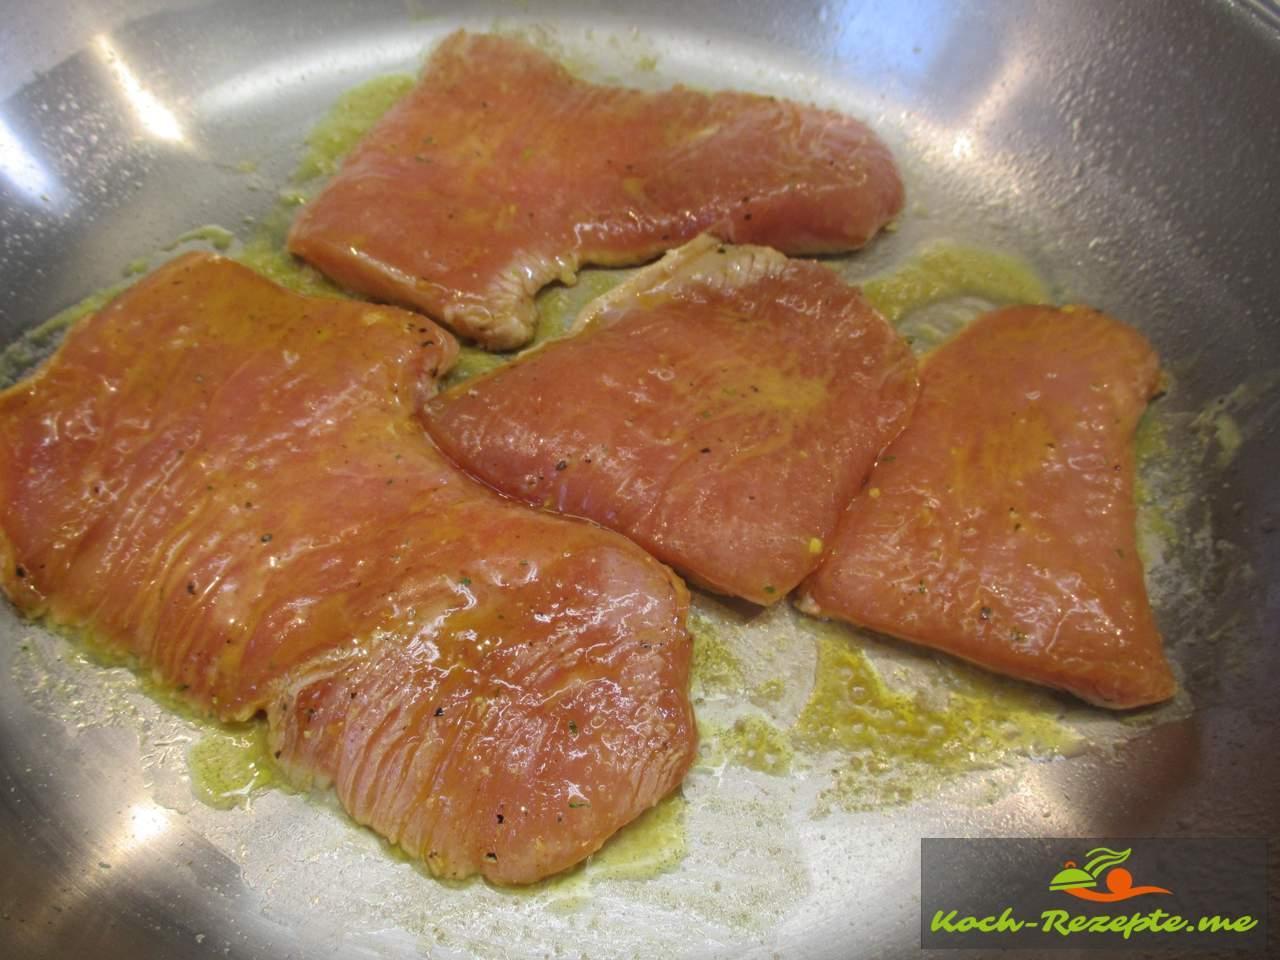 Pfanne erhitzen und die Truthanschnitzel von beiden Seiten je 1 Minute braten und rausnehmen